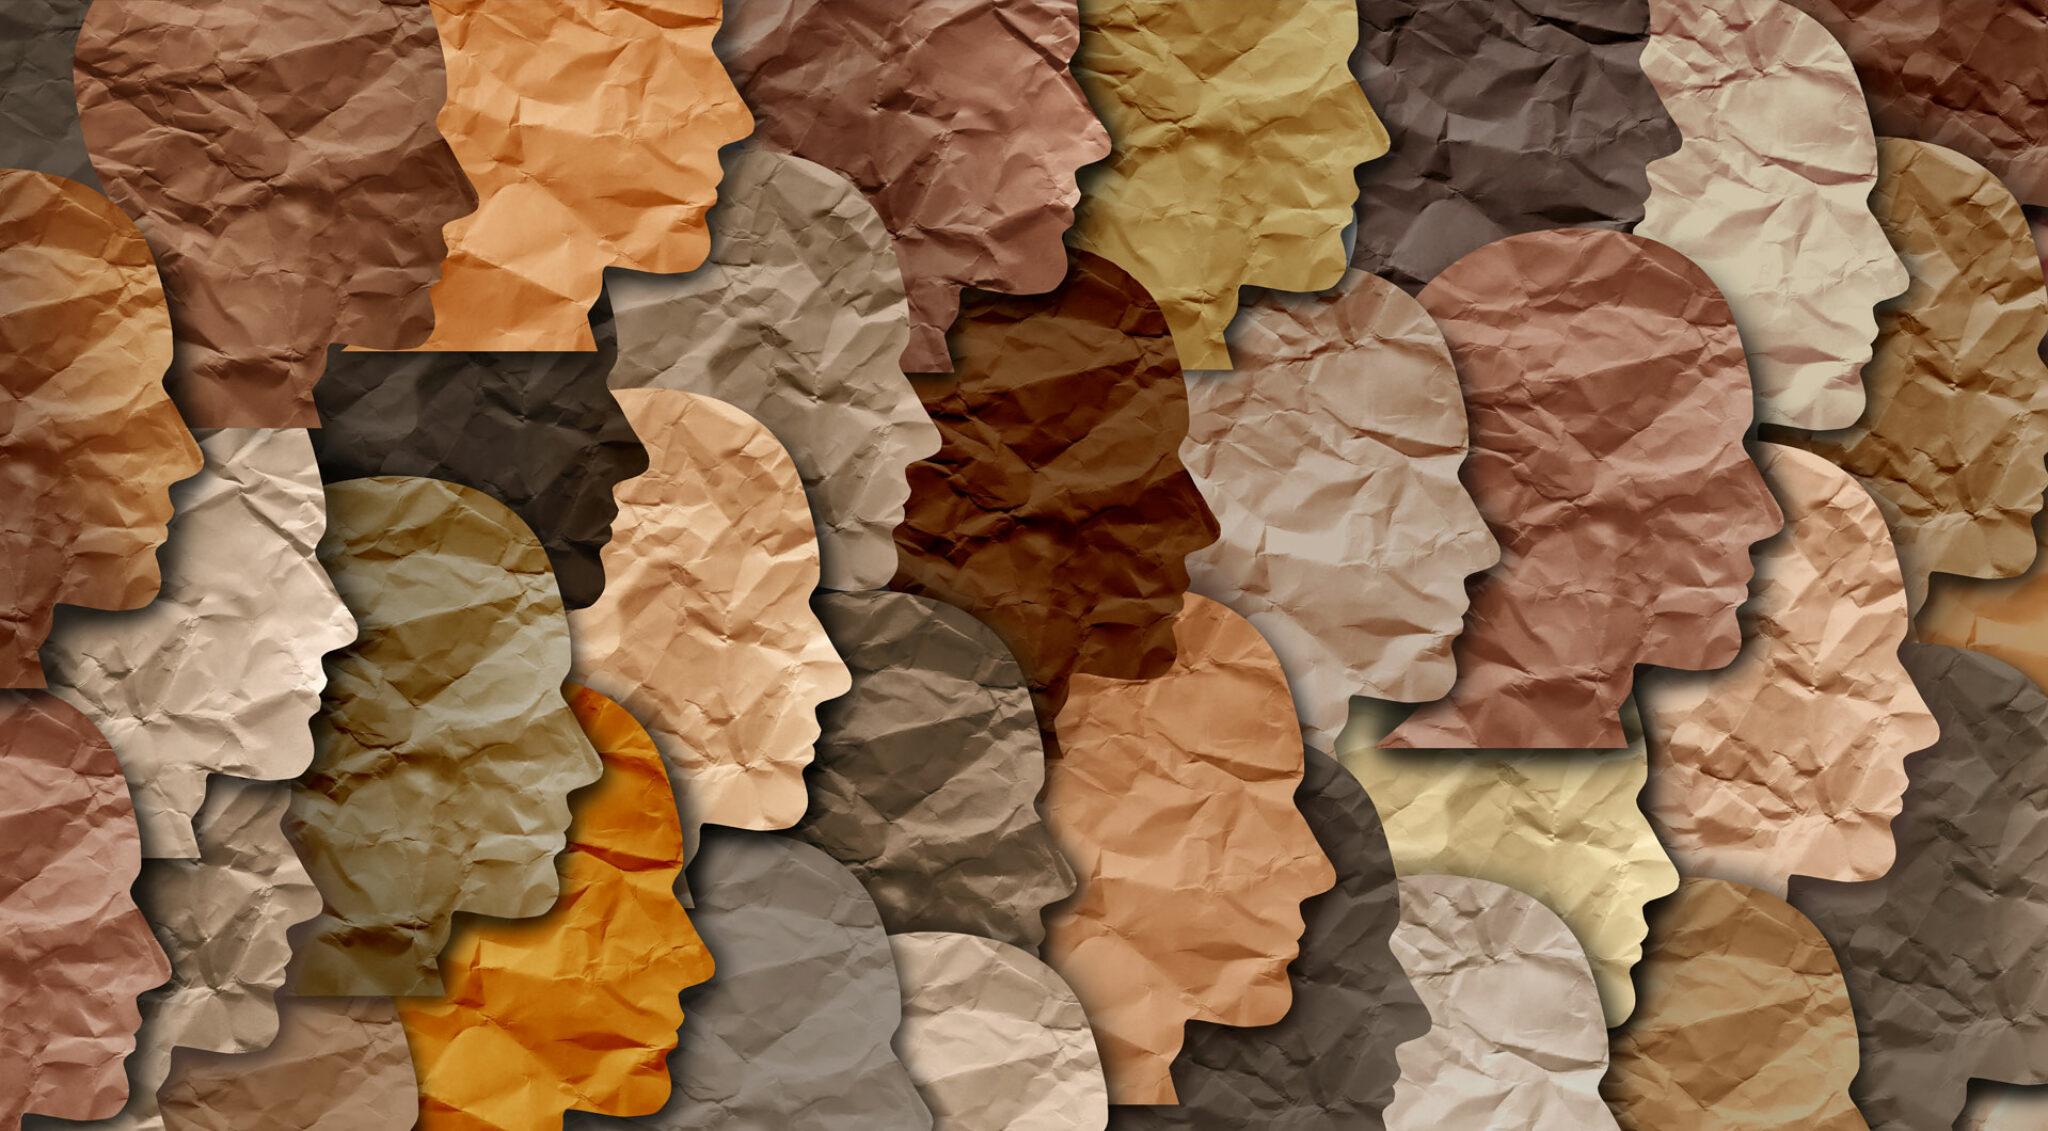 Collage aus Scherenschnitten von Gesichtern in verschiedenen Farben.